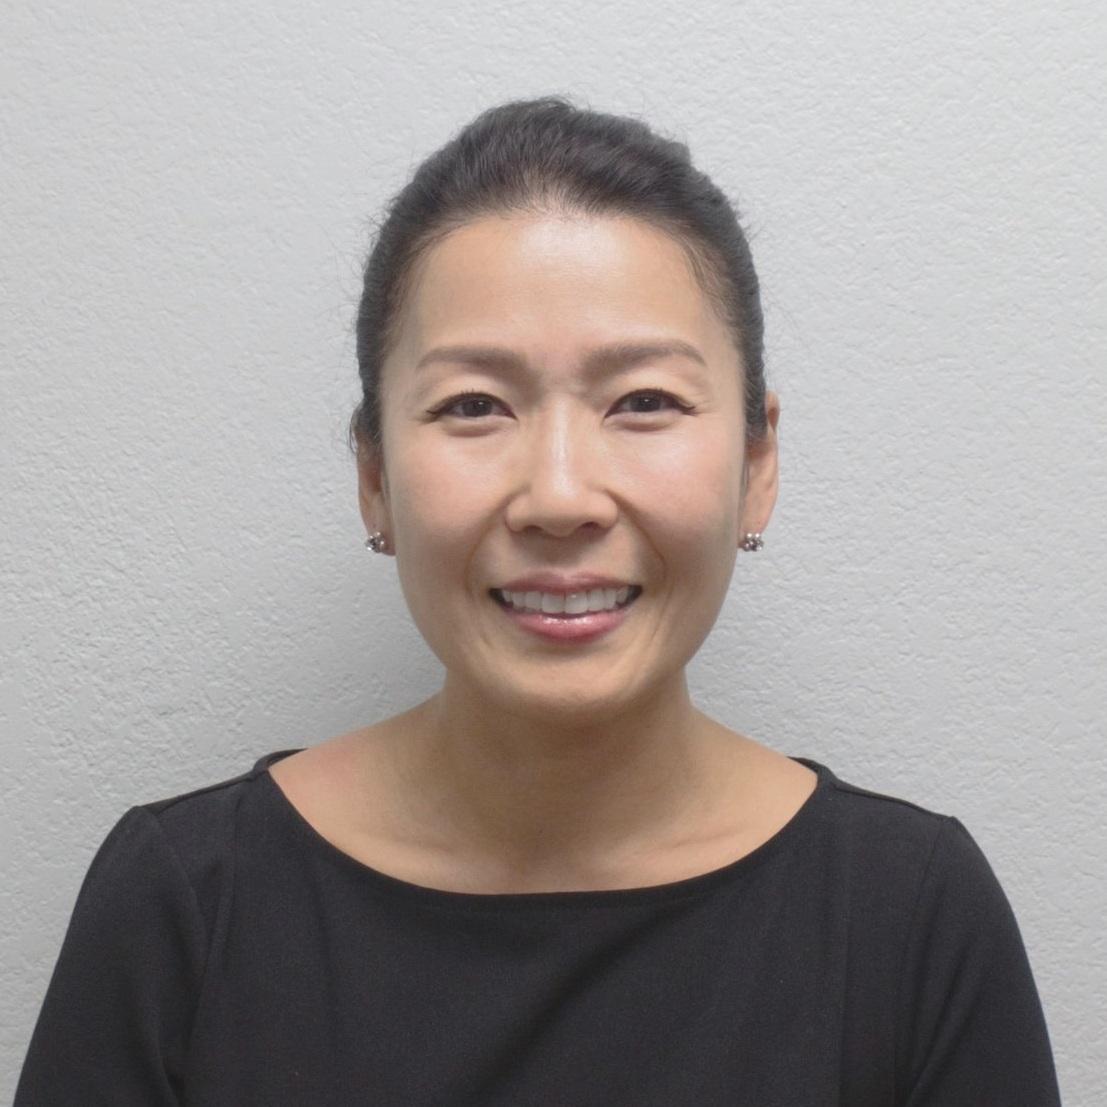 조세핀 김 교수, Ph.D., LMHC, NCC   김교수는 현재 하버드 교육대학원에서 Prevention Science and Practice 교수진이며 하버드 치대에서 Diversity and Inclusion의 이사로 활동하고 있다. 연구와 실습과 컨설팅을 통해 이민자 부모들과 미국에서 태어난 자녀들 사이의 문화적 차이를 극복하고 이어주는 일에 그녀의 삶을 집중하고 있다. 2007년 Virginia Tech 총기사건 이후 미국에 거주하는 한인들에게 미치는 정신 건강 문제들과 한인 가정들 안에 있는 문화적, 세대적 갈등들을 알리기 위해 Mustard Seed Generation을 설립하게 되었다. 그녀는 MSG를 통해 미국에서 거주하는 한인들의 전인적인 성장을 향상시키기 원한다.